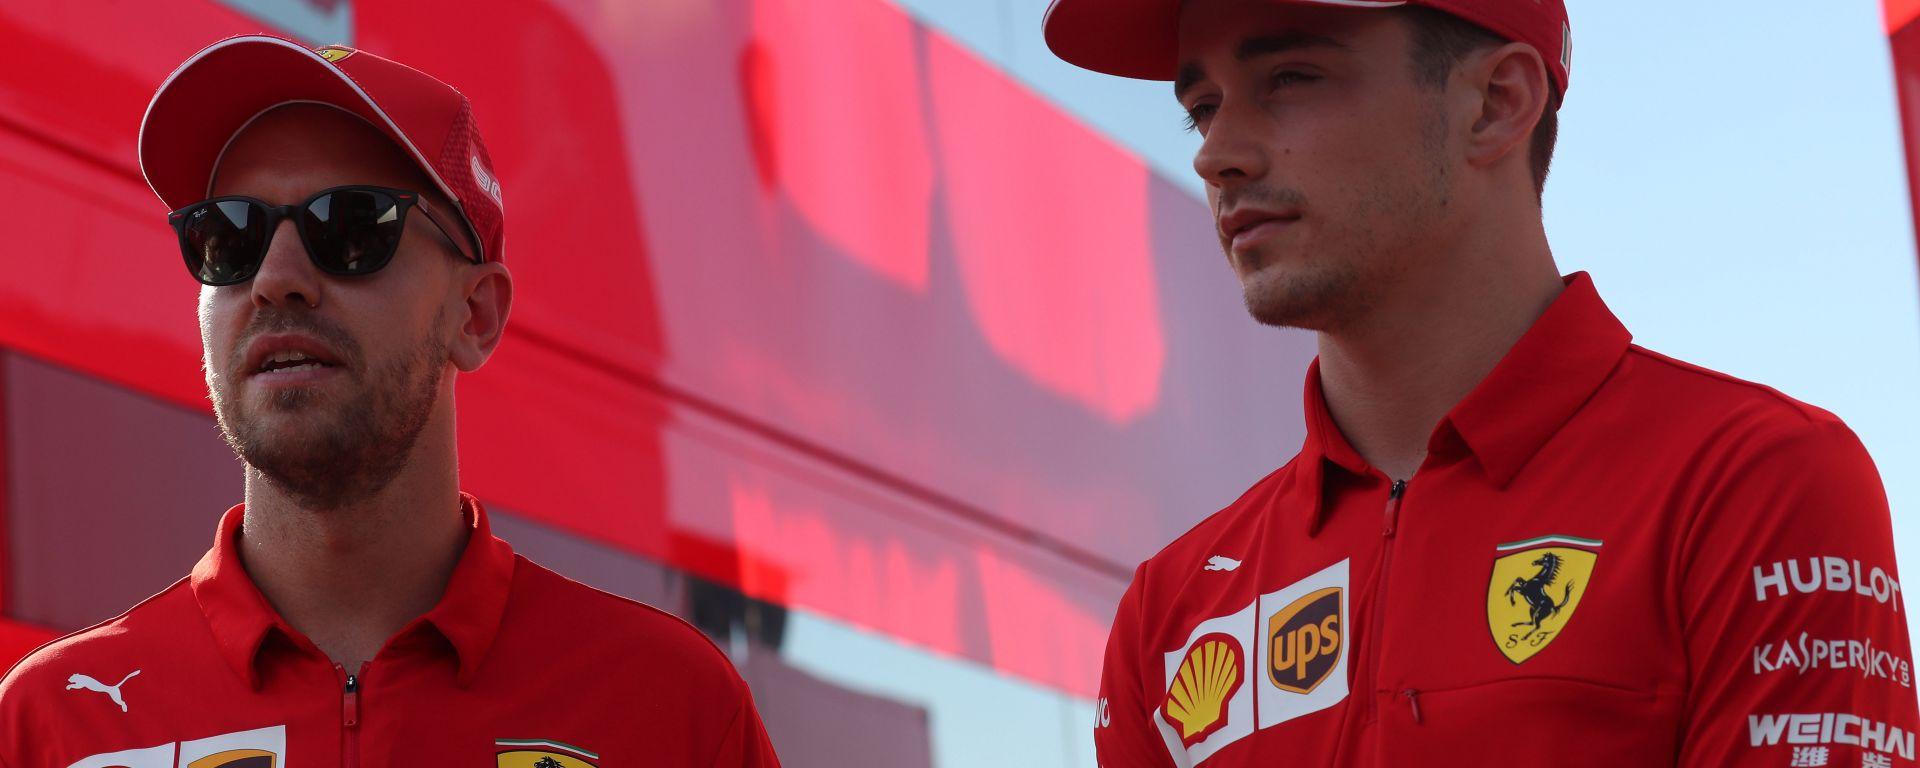 F1 2019, Sebastian Vettel e Charles Leclerc